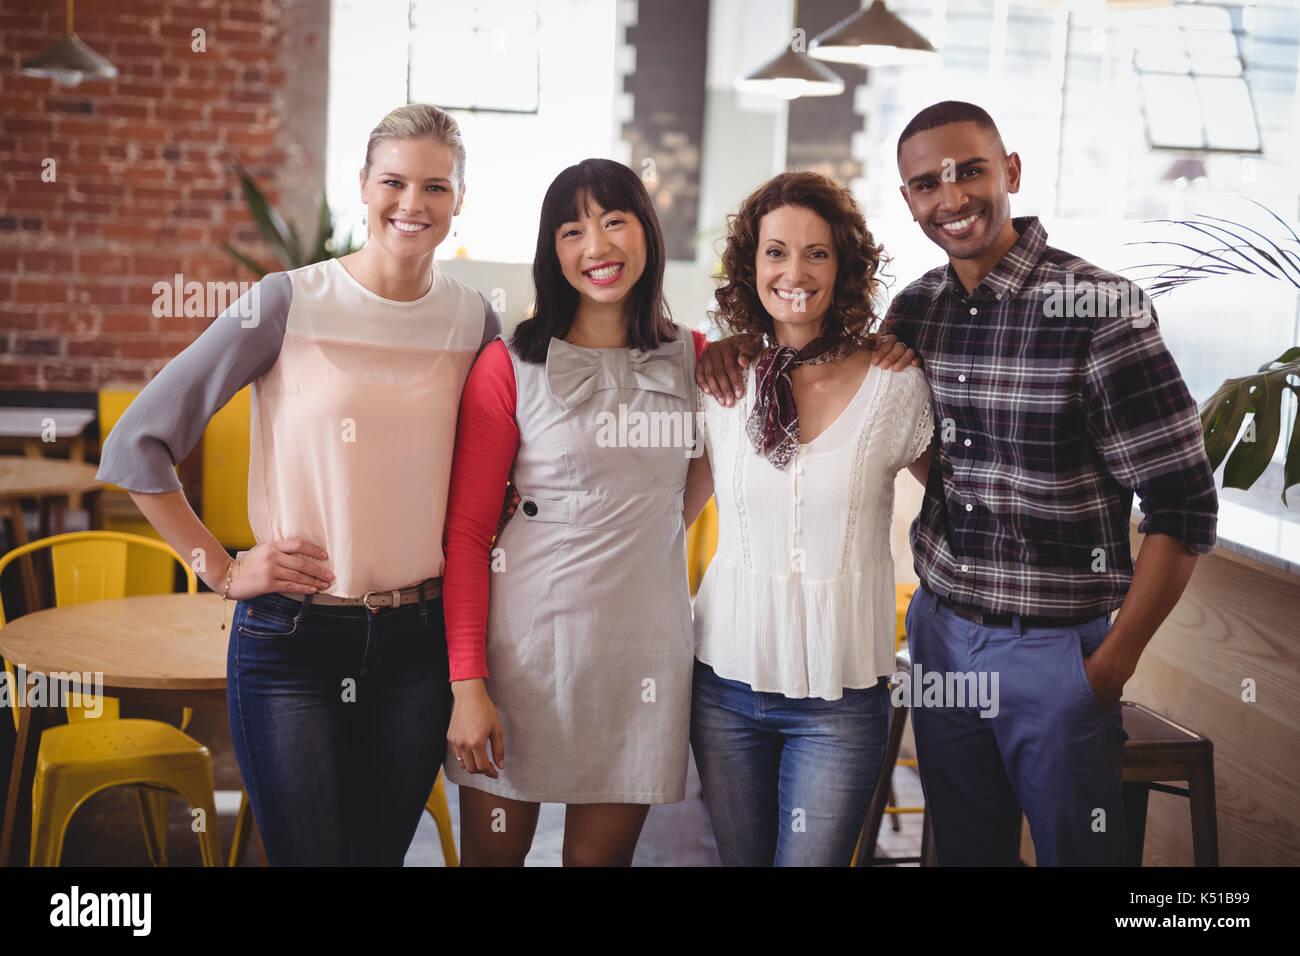 Retrato de sonriente joven amigos de pie con los brazos alrededor en la cafetería Imagen De Stock